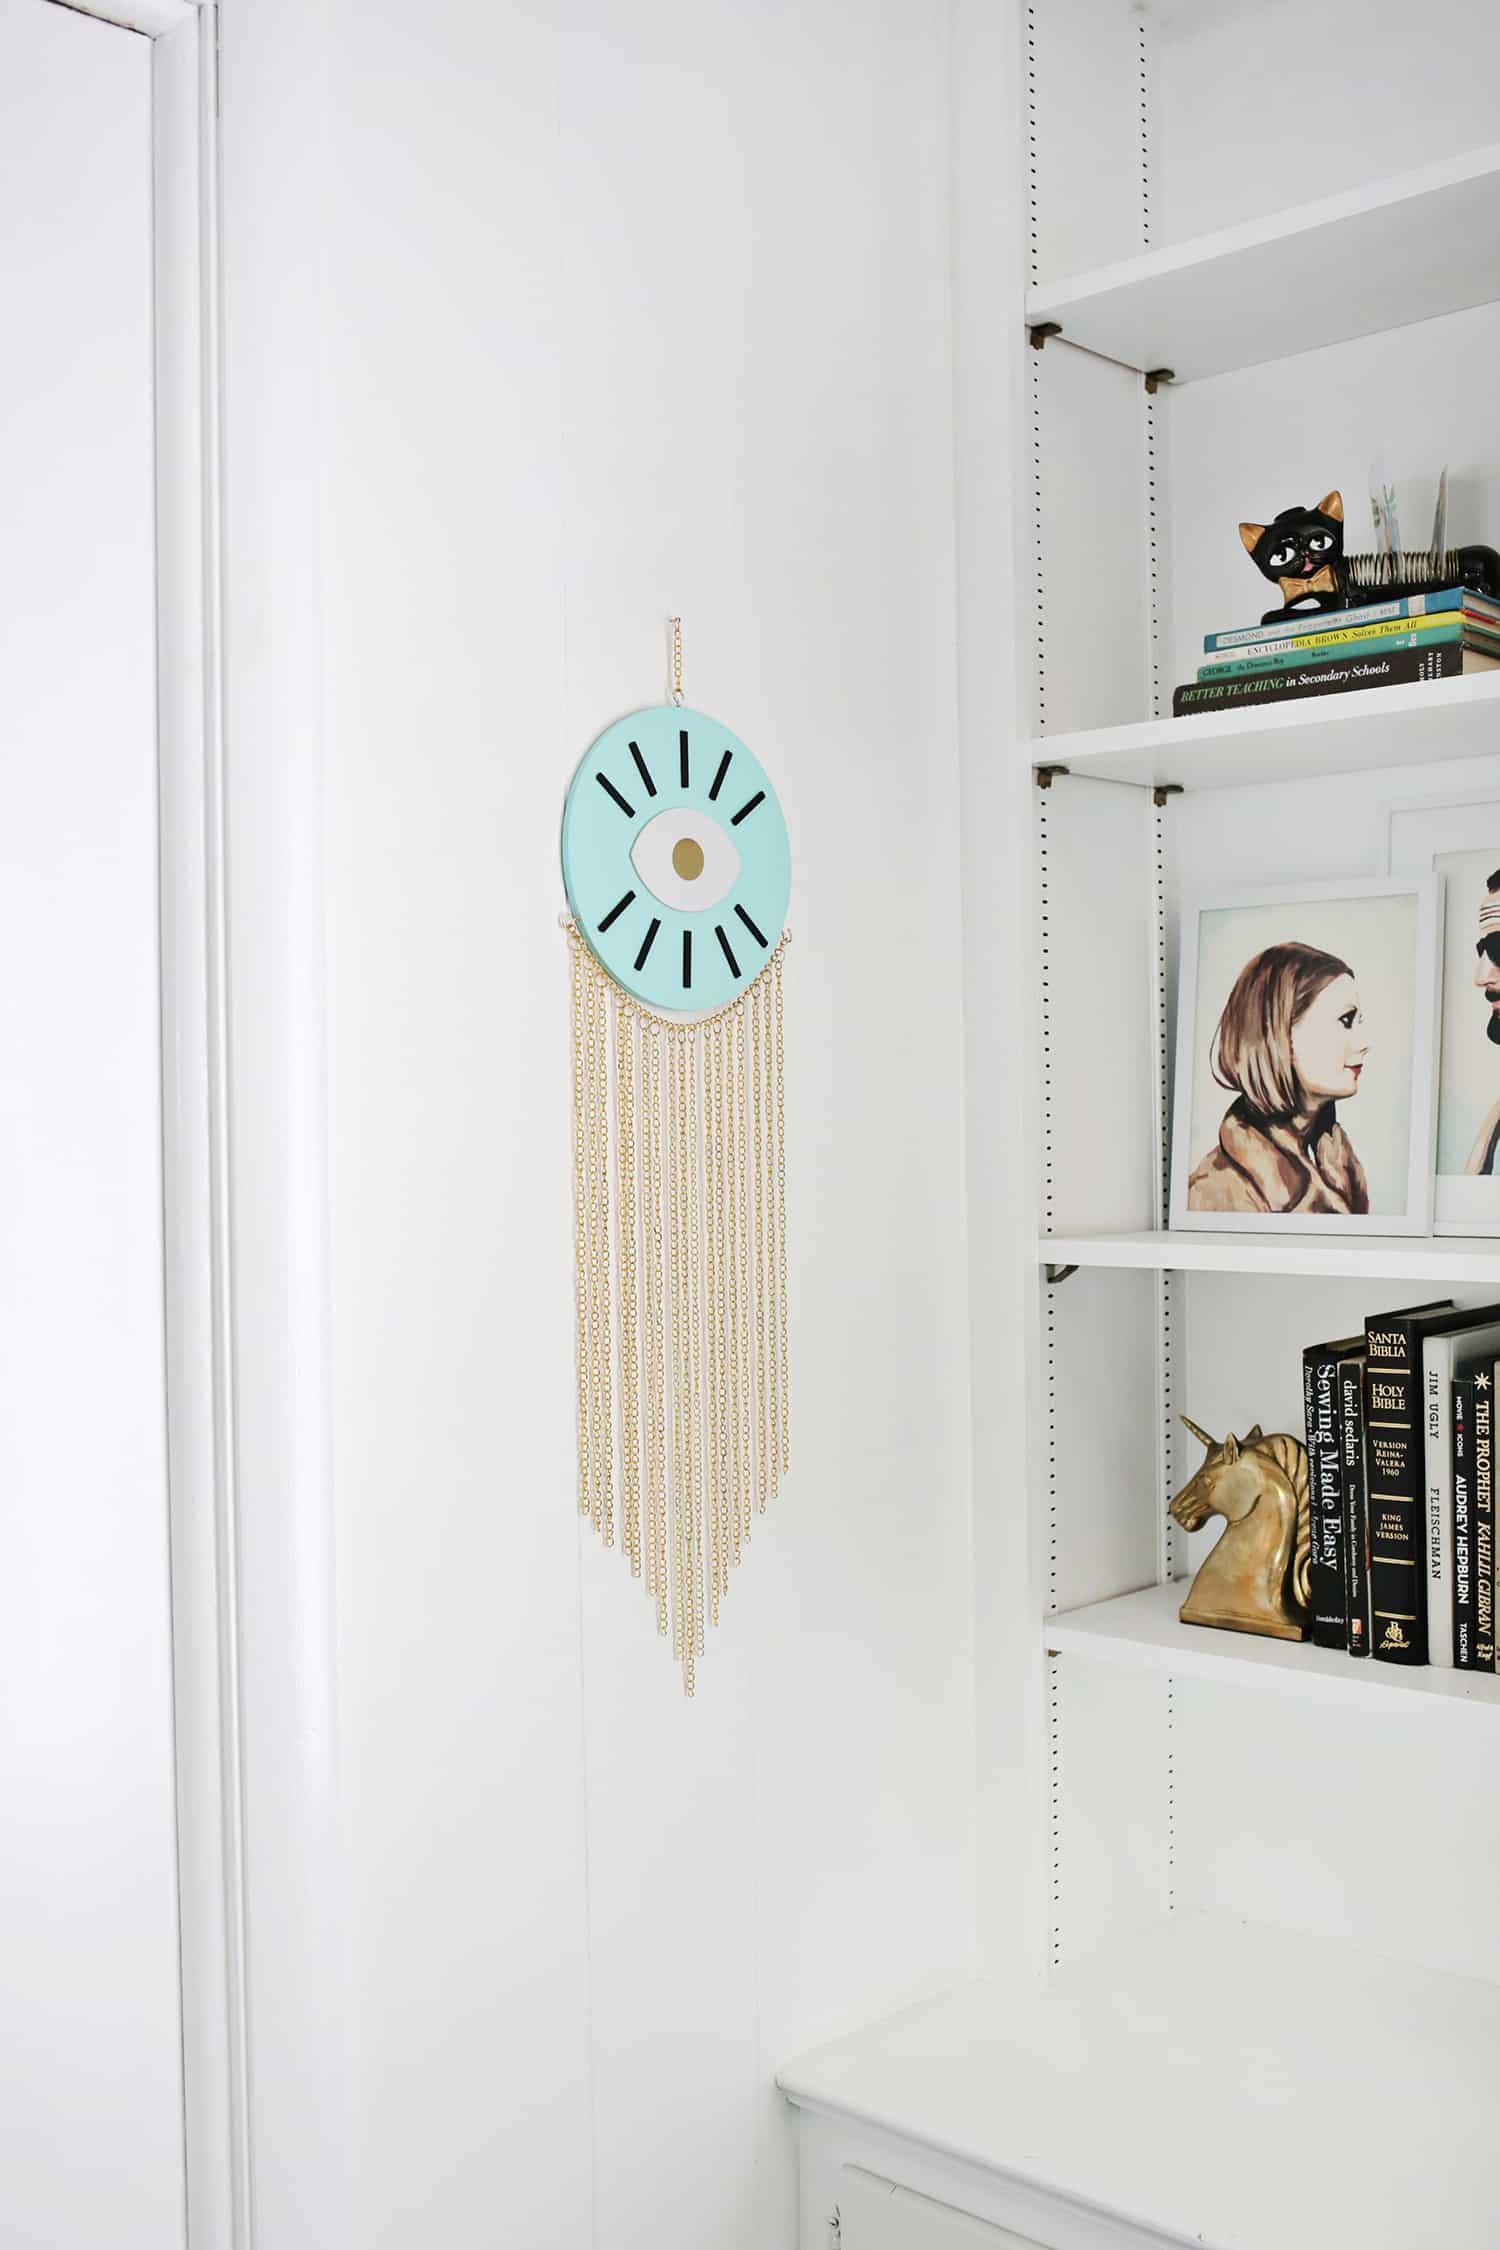 Goldkette Wand hängen DIY